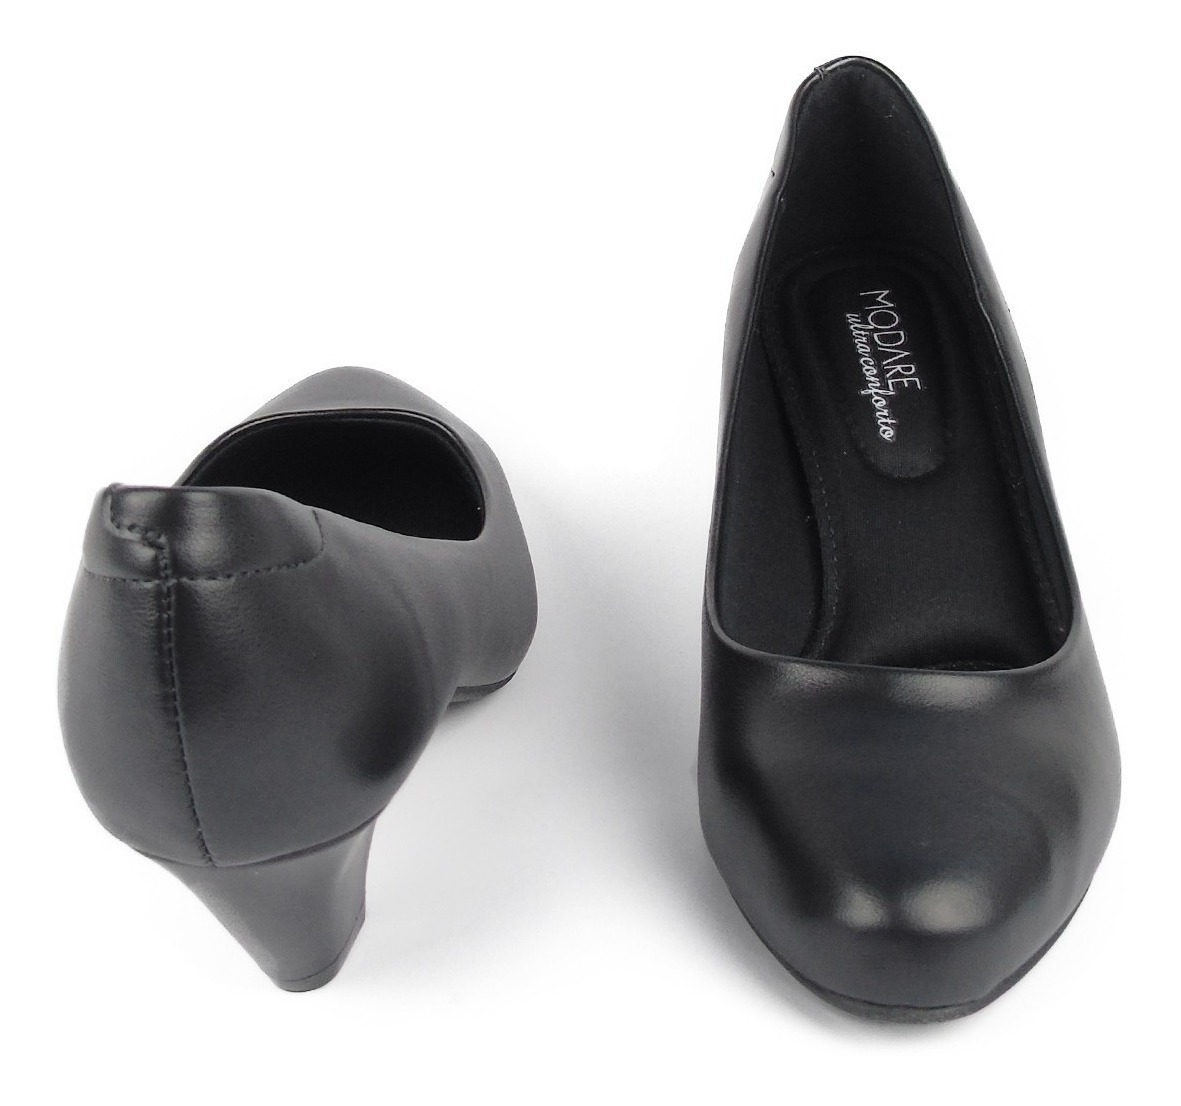 828568267 sapato feminino modare ultraconforto preto salto baixo macio. Carregando  zoom.